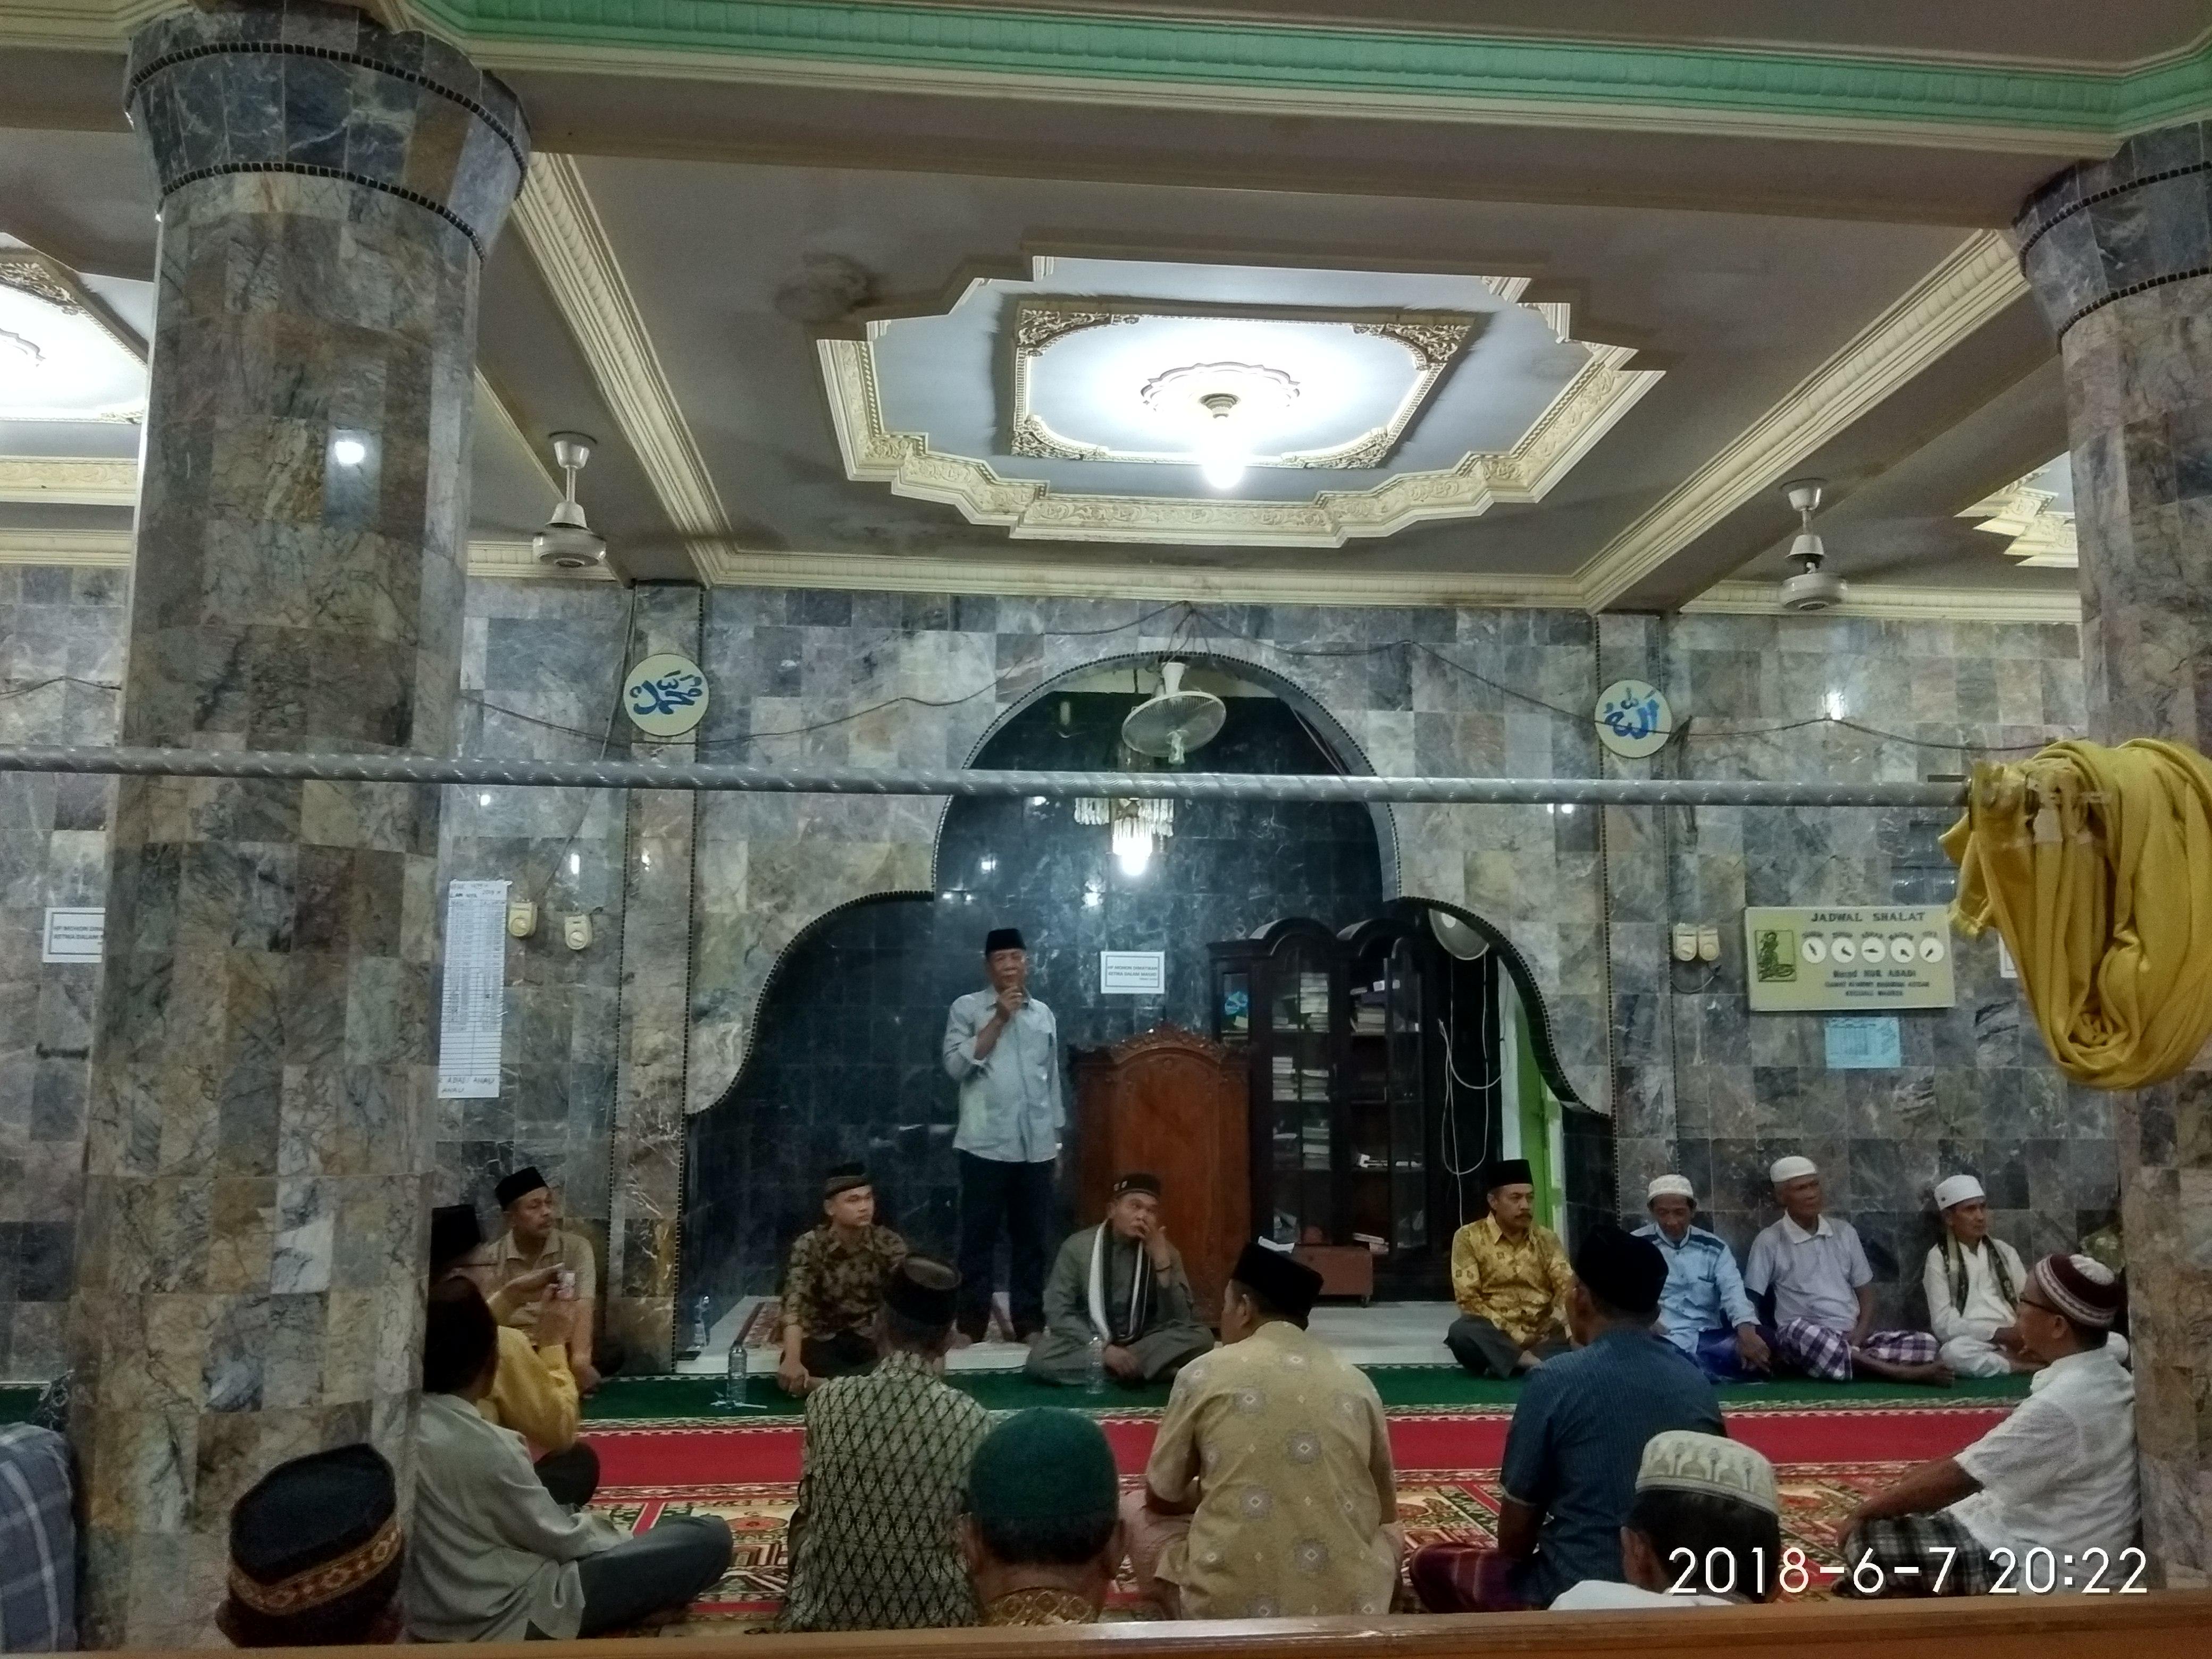 Safari ramadan Khusus Wabup di Cerocok Anau : karakter Anak Harus Dibentuk